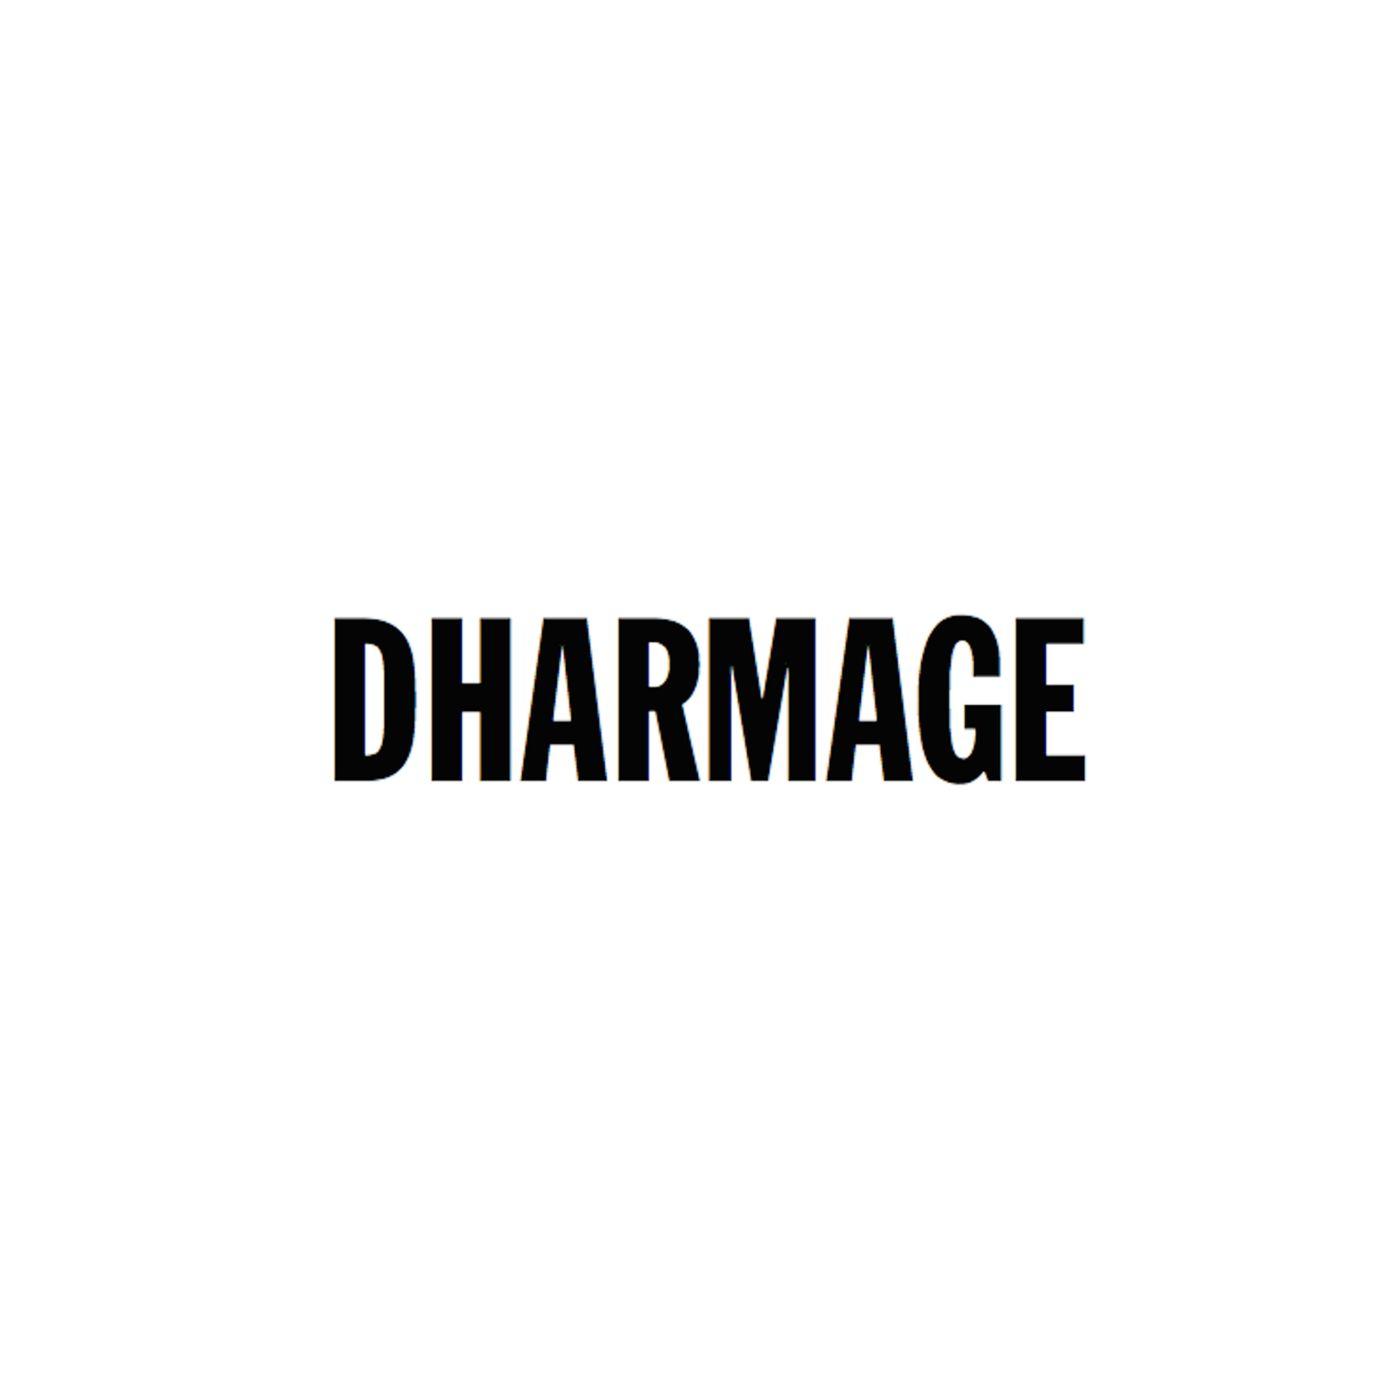 Dharmage